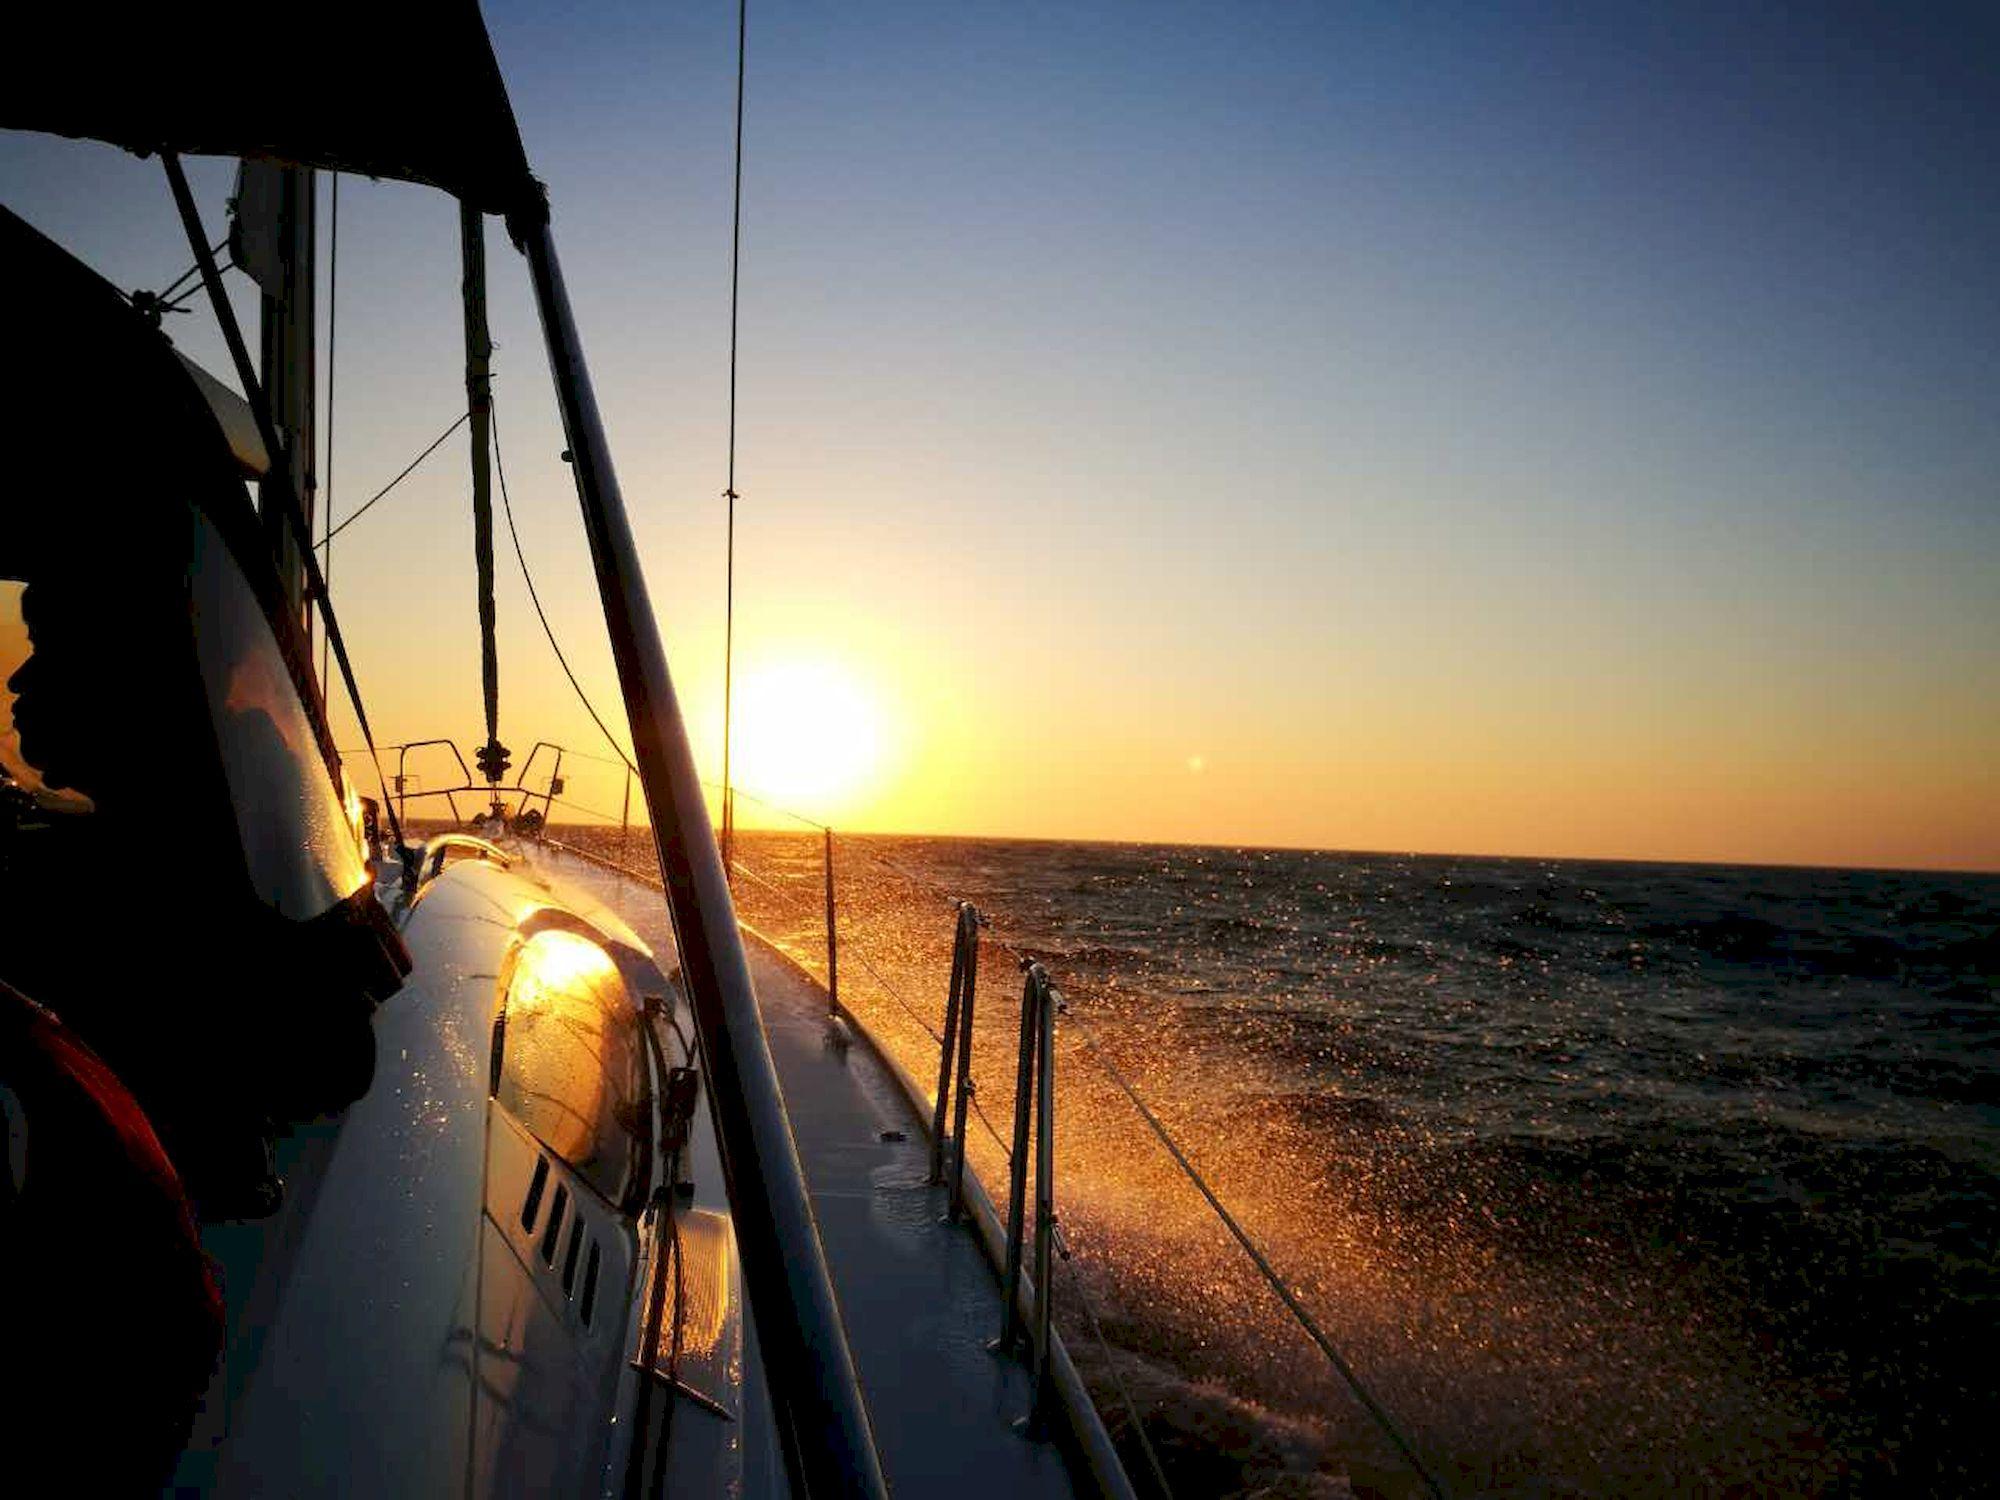 030-IMG_3579_千帆俱乐部我要航海网帆船队-2016威海-仁川国际帆船赛.JPG